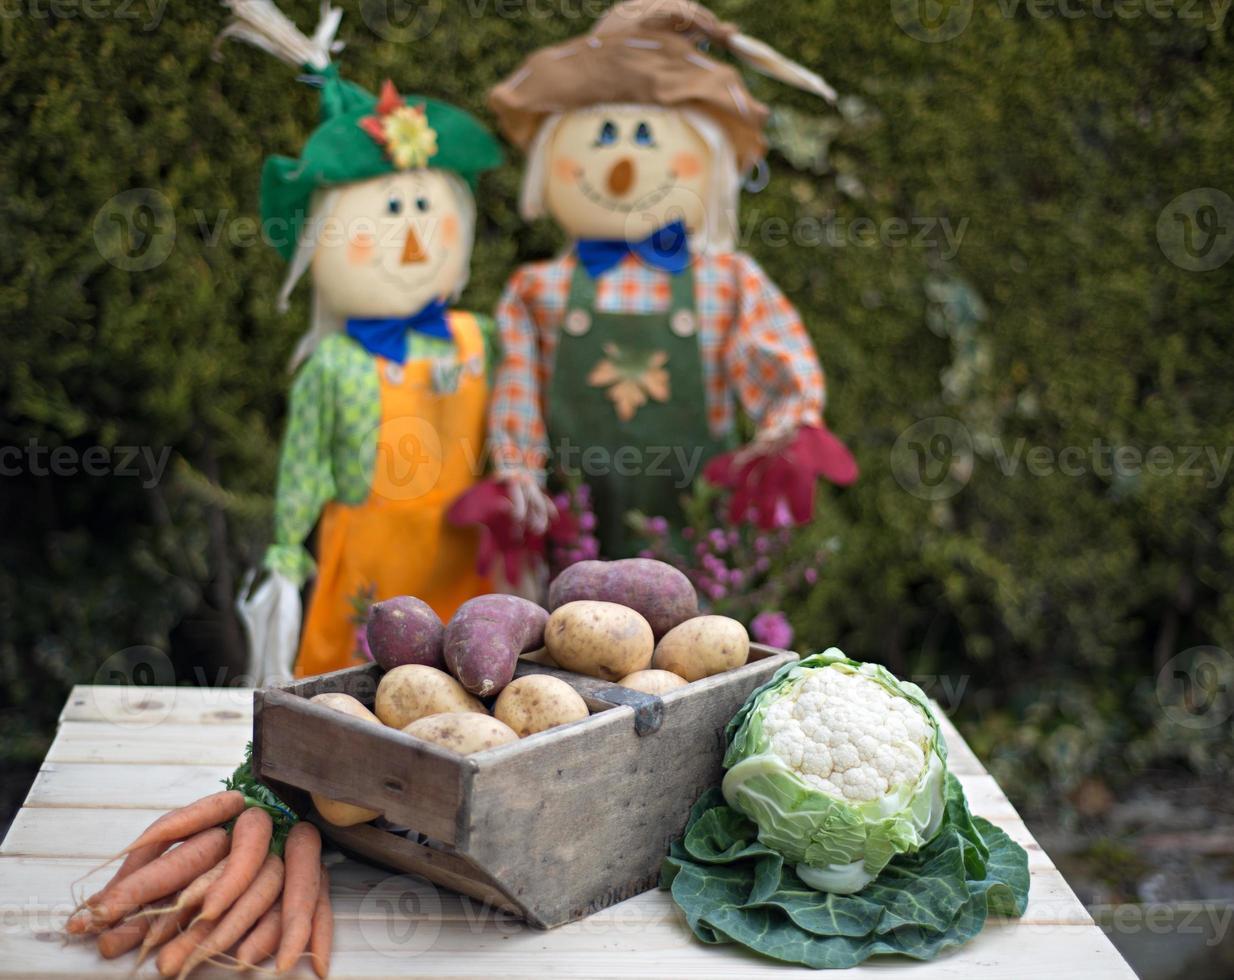 épouvantails et légumes du jardin photo